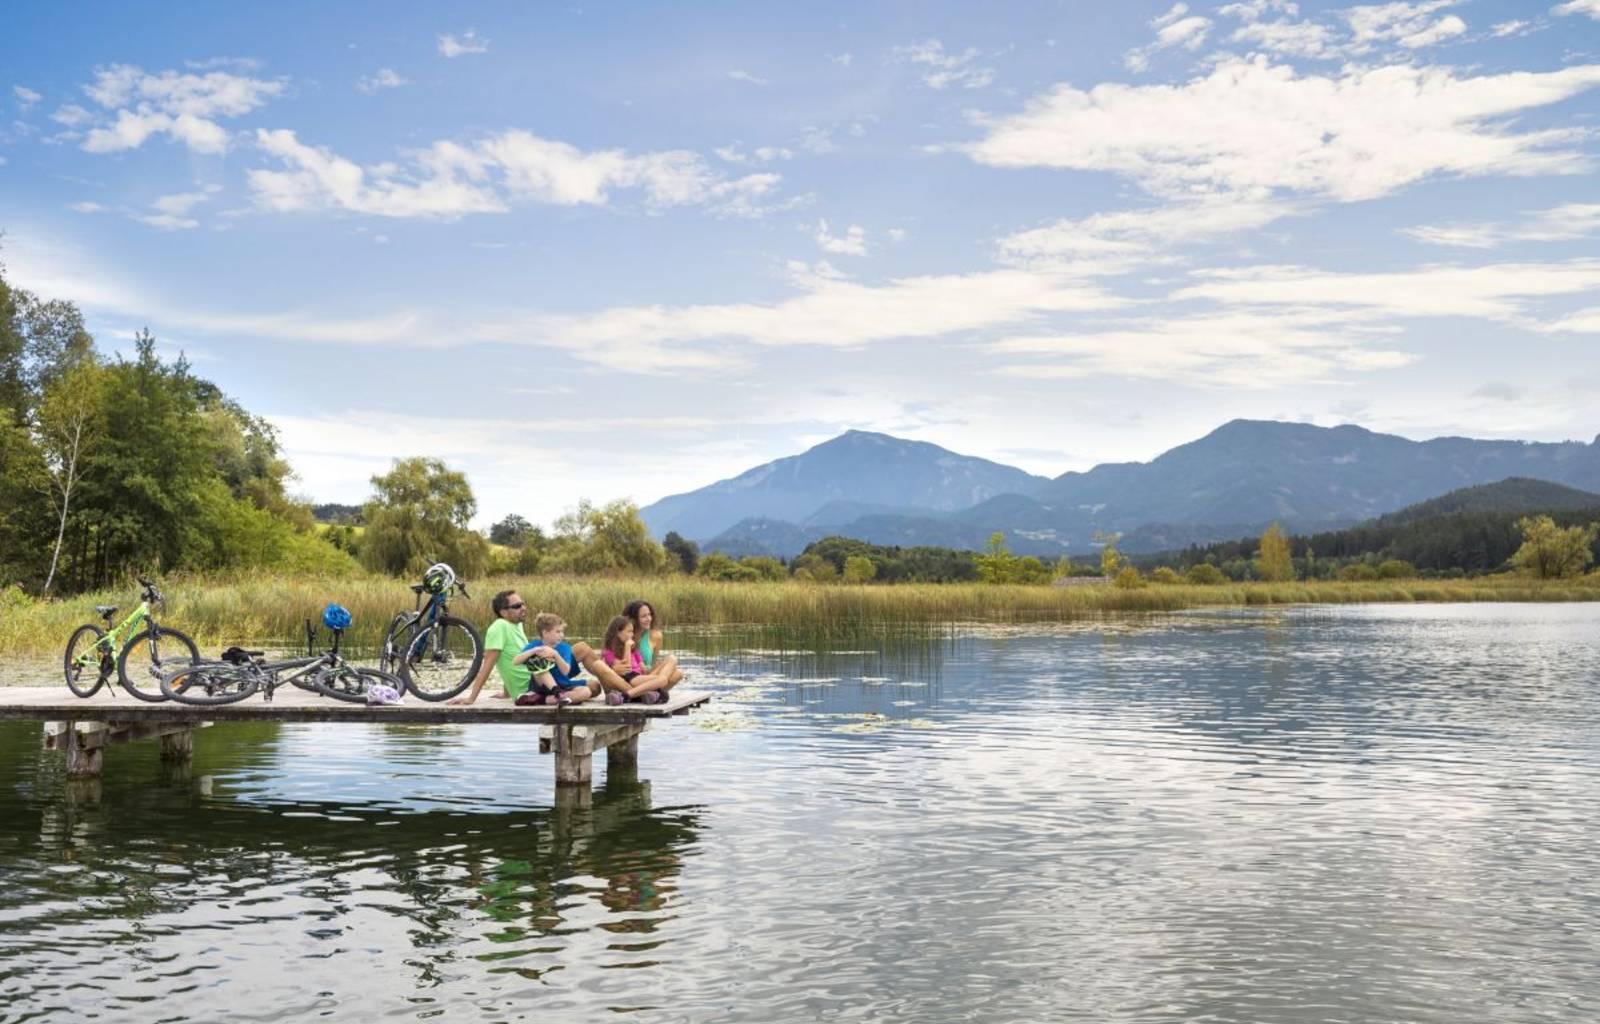 Mit der ganzen Familie um den Klopeiner See radeln und am Steg die Aussicht genießen.